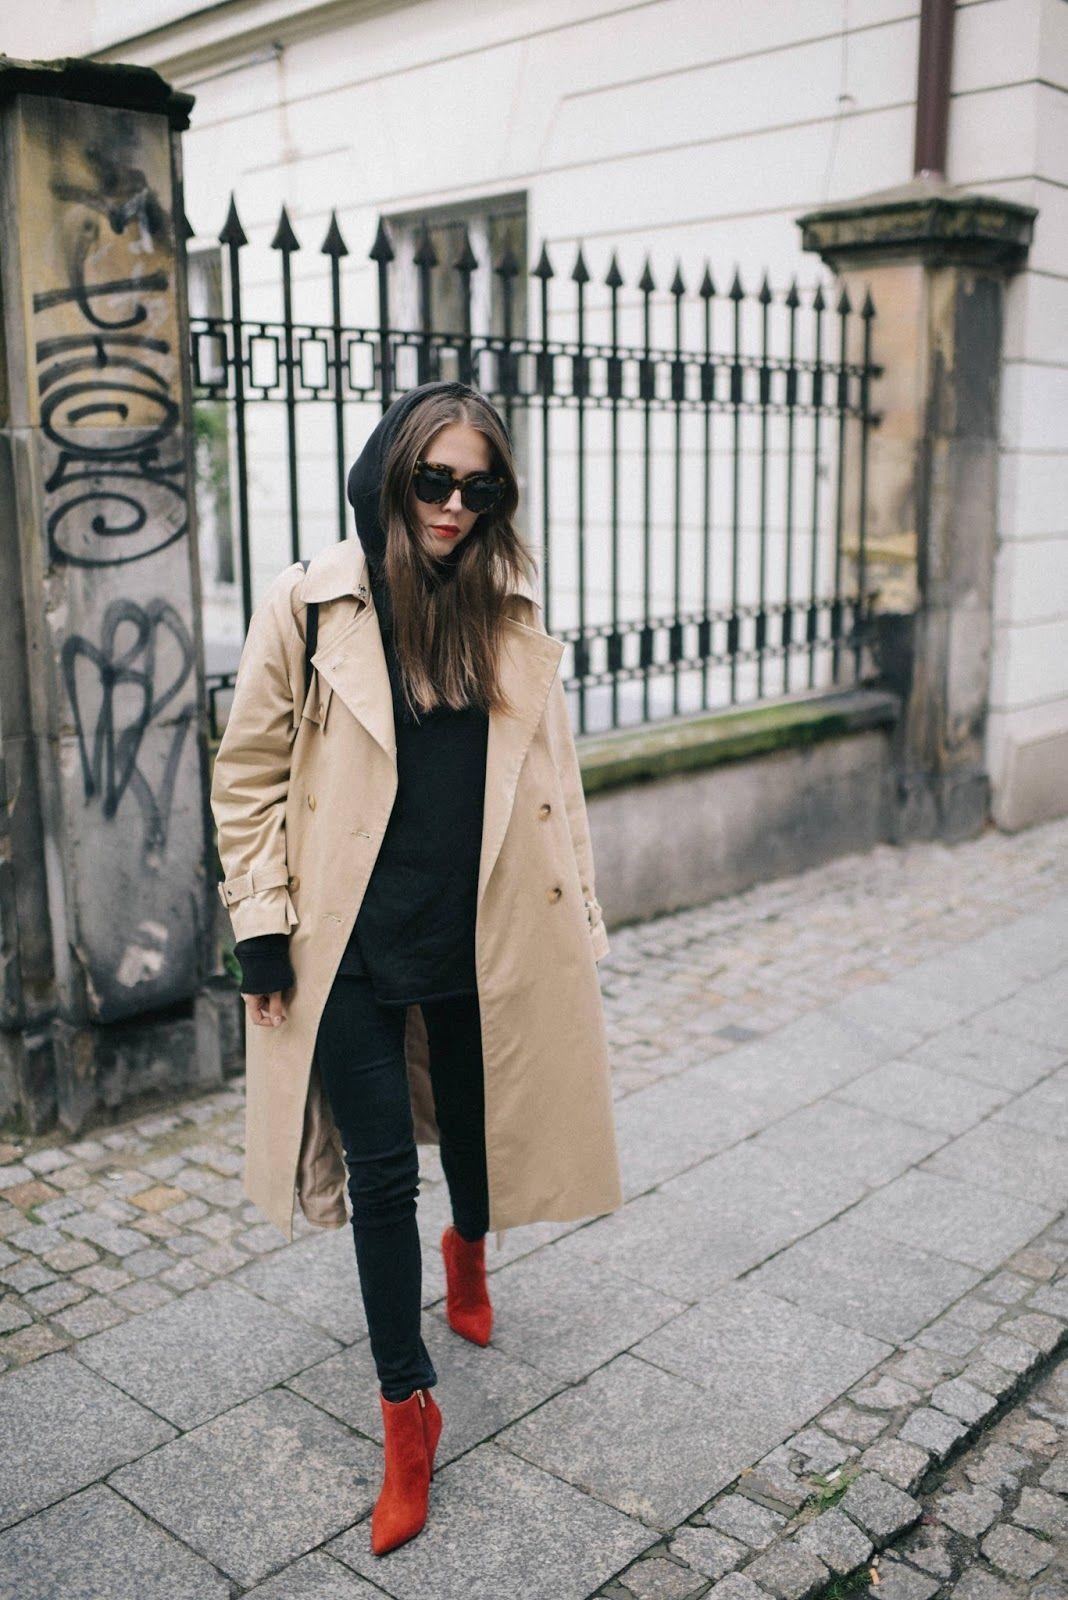 Jesienna Stylizacja Z Bezowym Trenczem Jak Nosic Klasyczny Trencz Jesienia Bezowy Plaszcz Trencz Z Czarna Bluza Z Kapturem Cz Red Boots Fashion Street Style